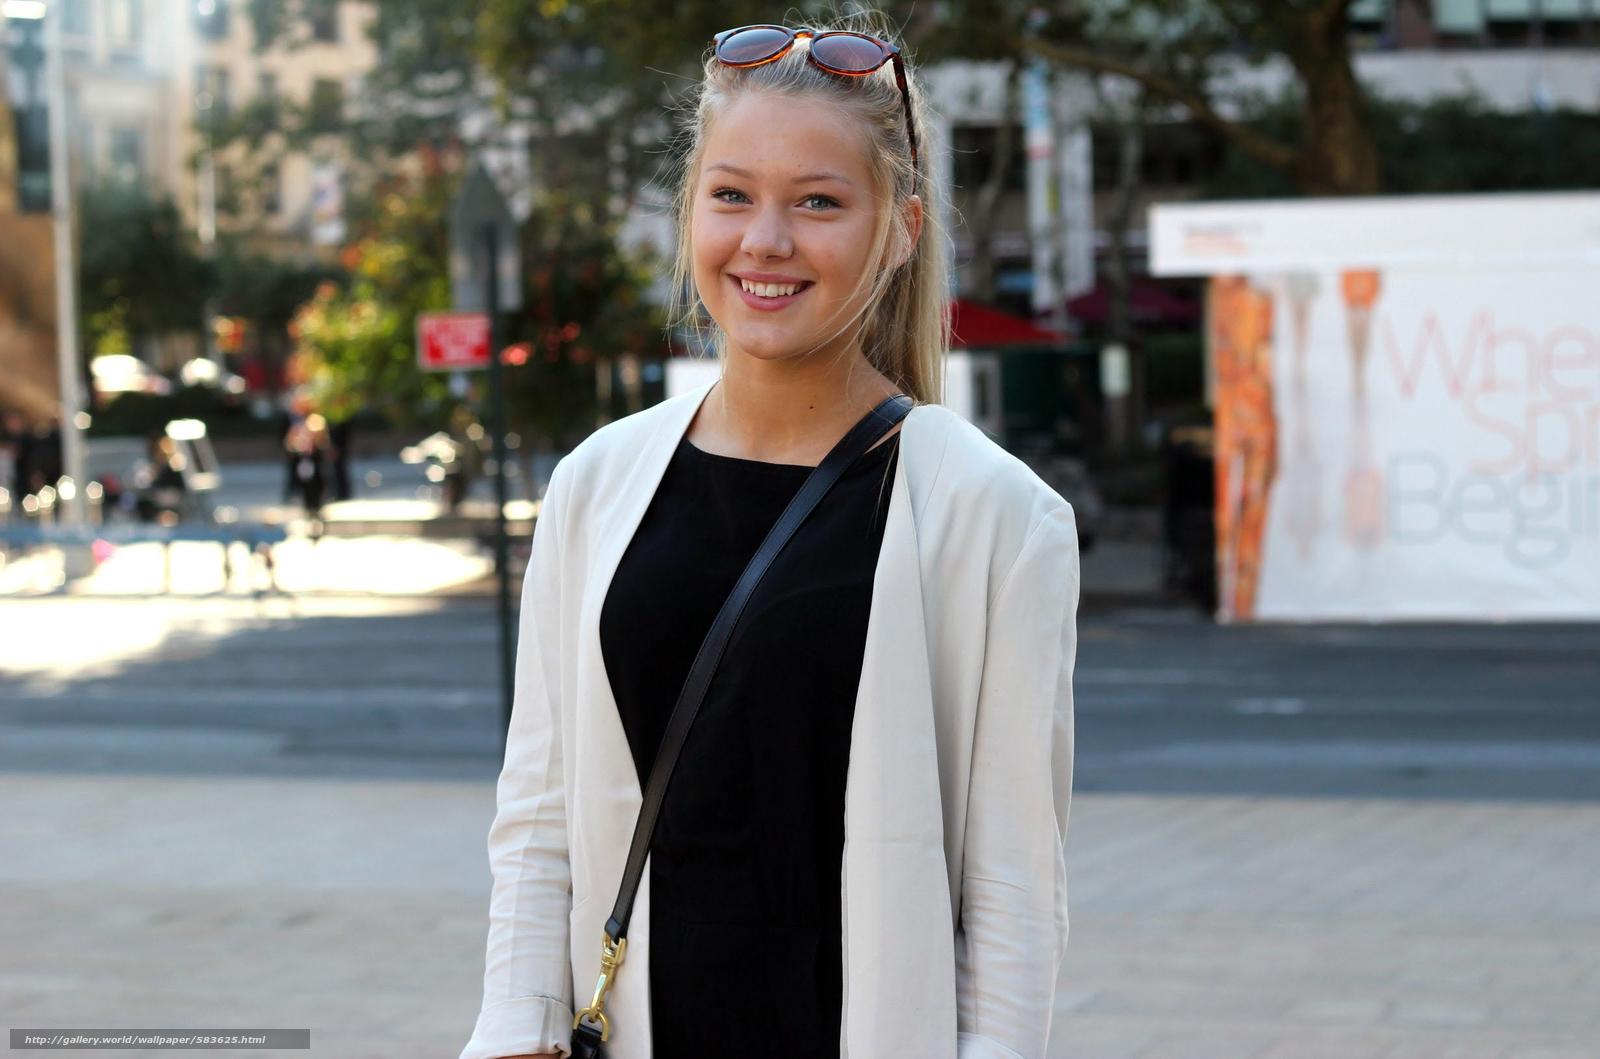 Скачать обои Erica Mohn Kvam,  white beauty,  blond бесплатно для рабочего стола в разрешении 2462x1630 — картинка №583625